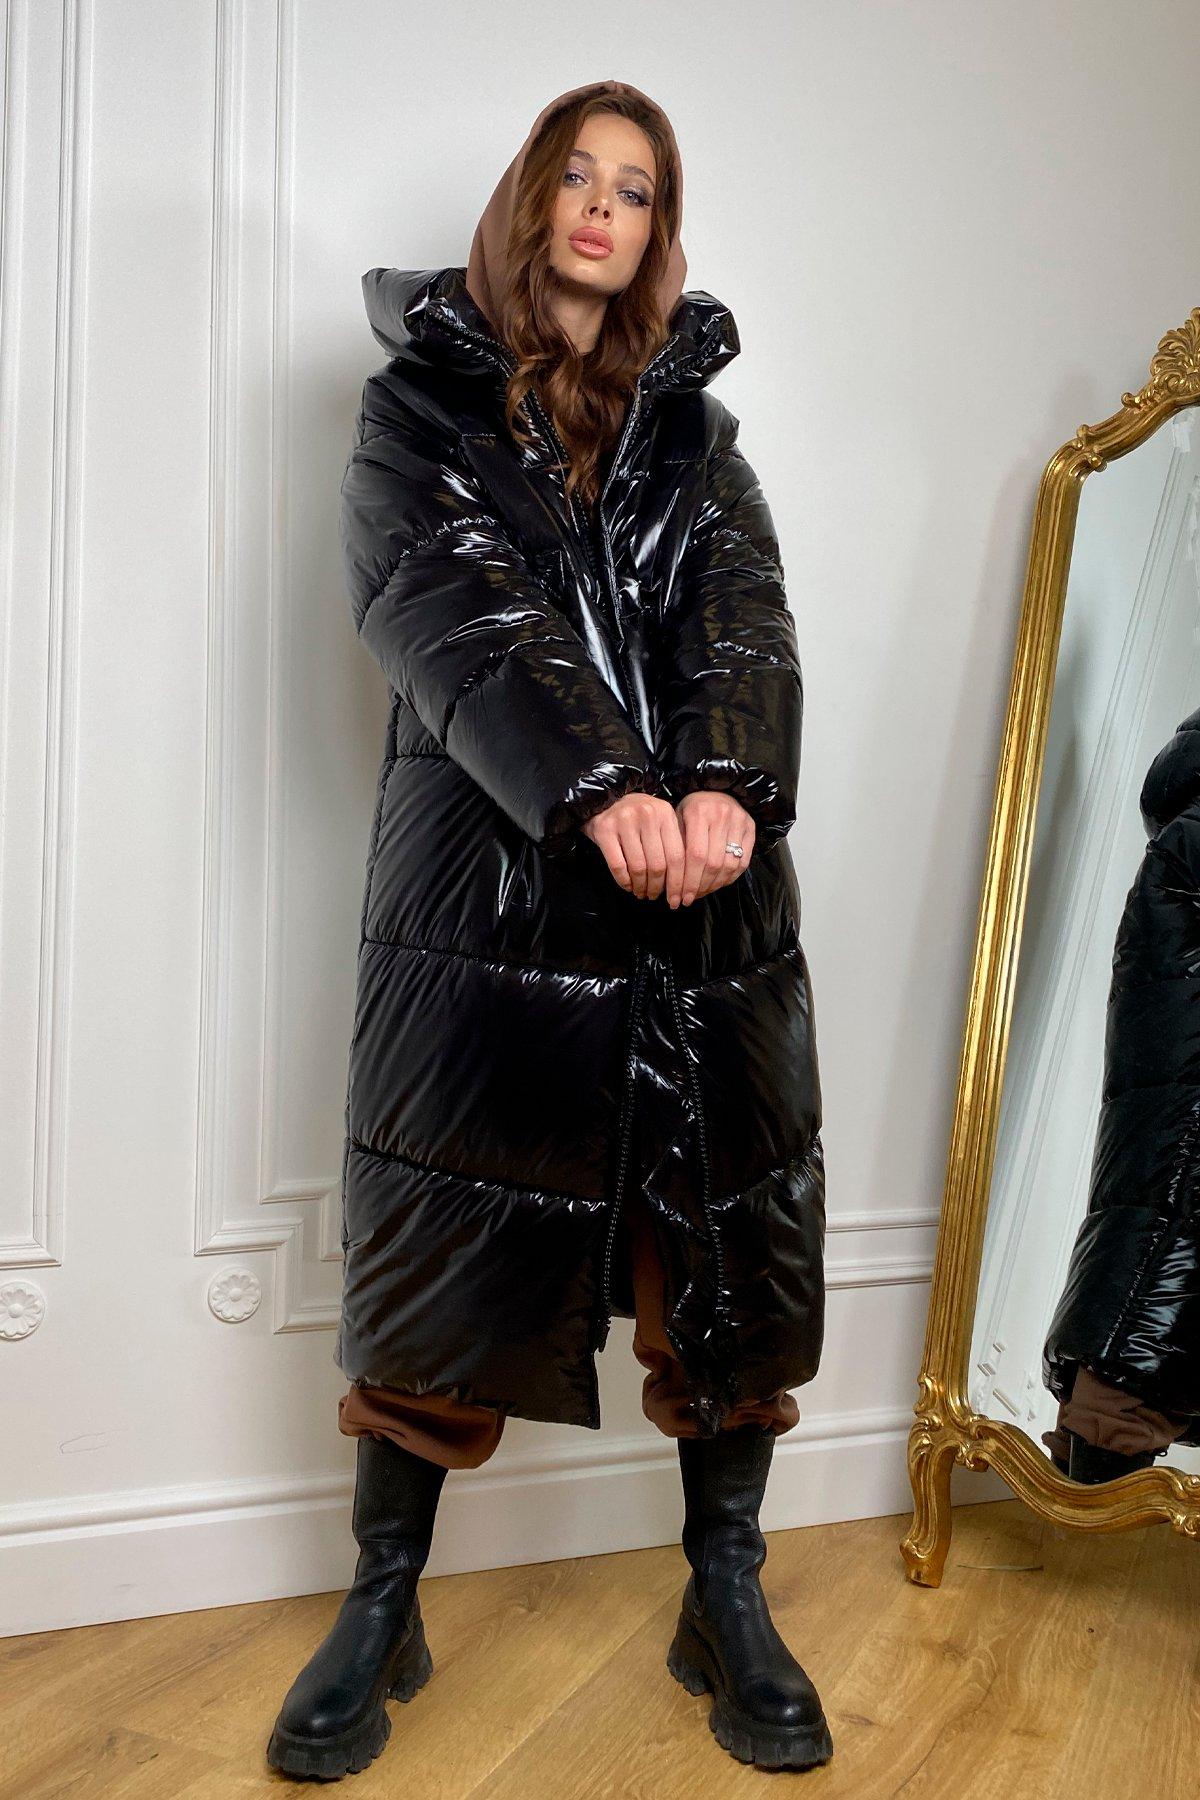 Макс теплый пуховик из плащевки  монклер 10116 АРТ. 46416 Цвет: Черный - фото 5, интернет магазин tm-modus.ru